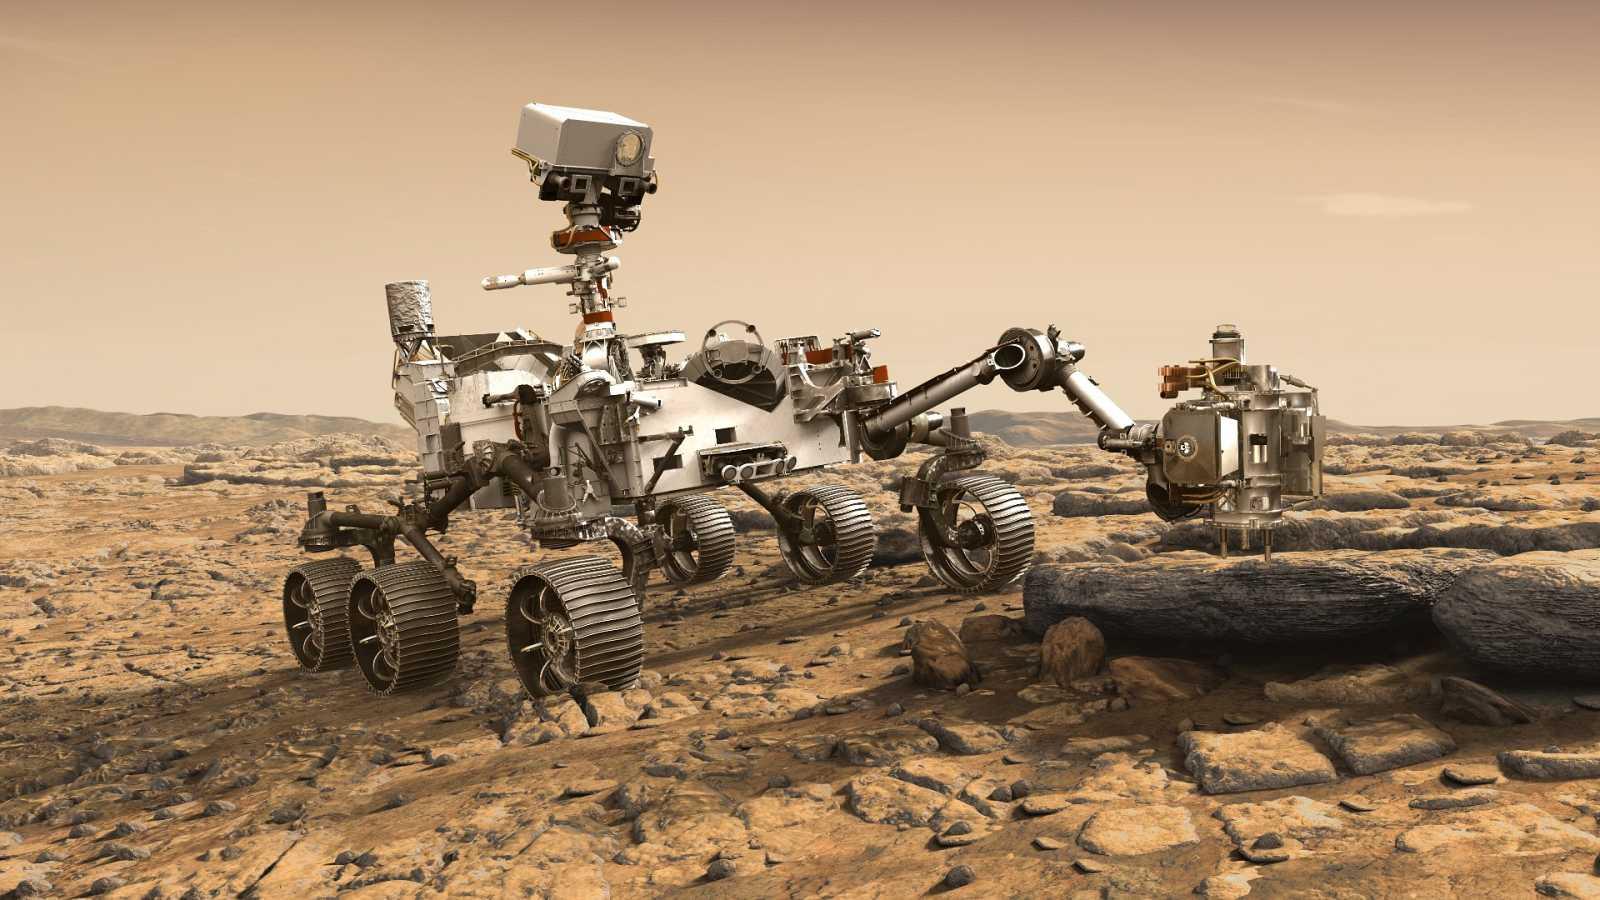 Cinco pistas - Siete minutos de terror: Mars 2020 - 17/02/21 - escuchar ahora